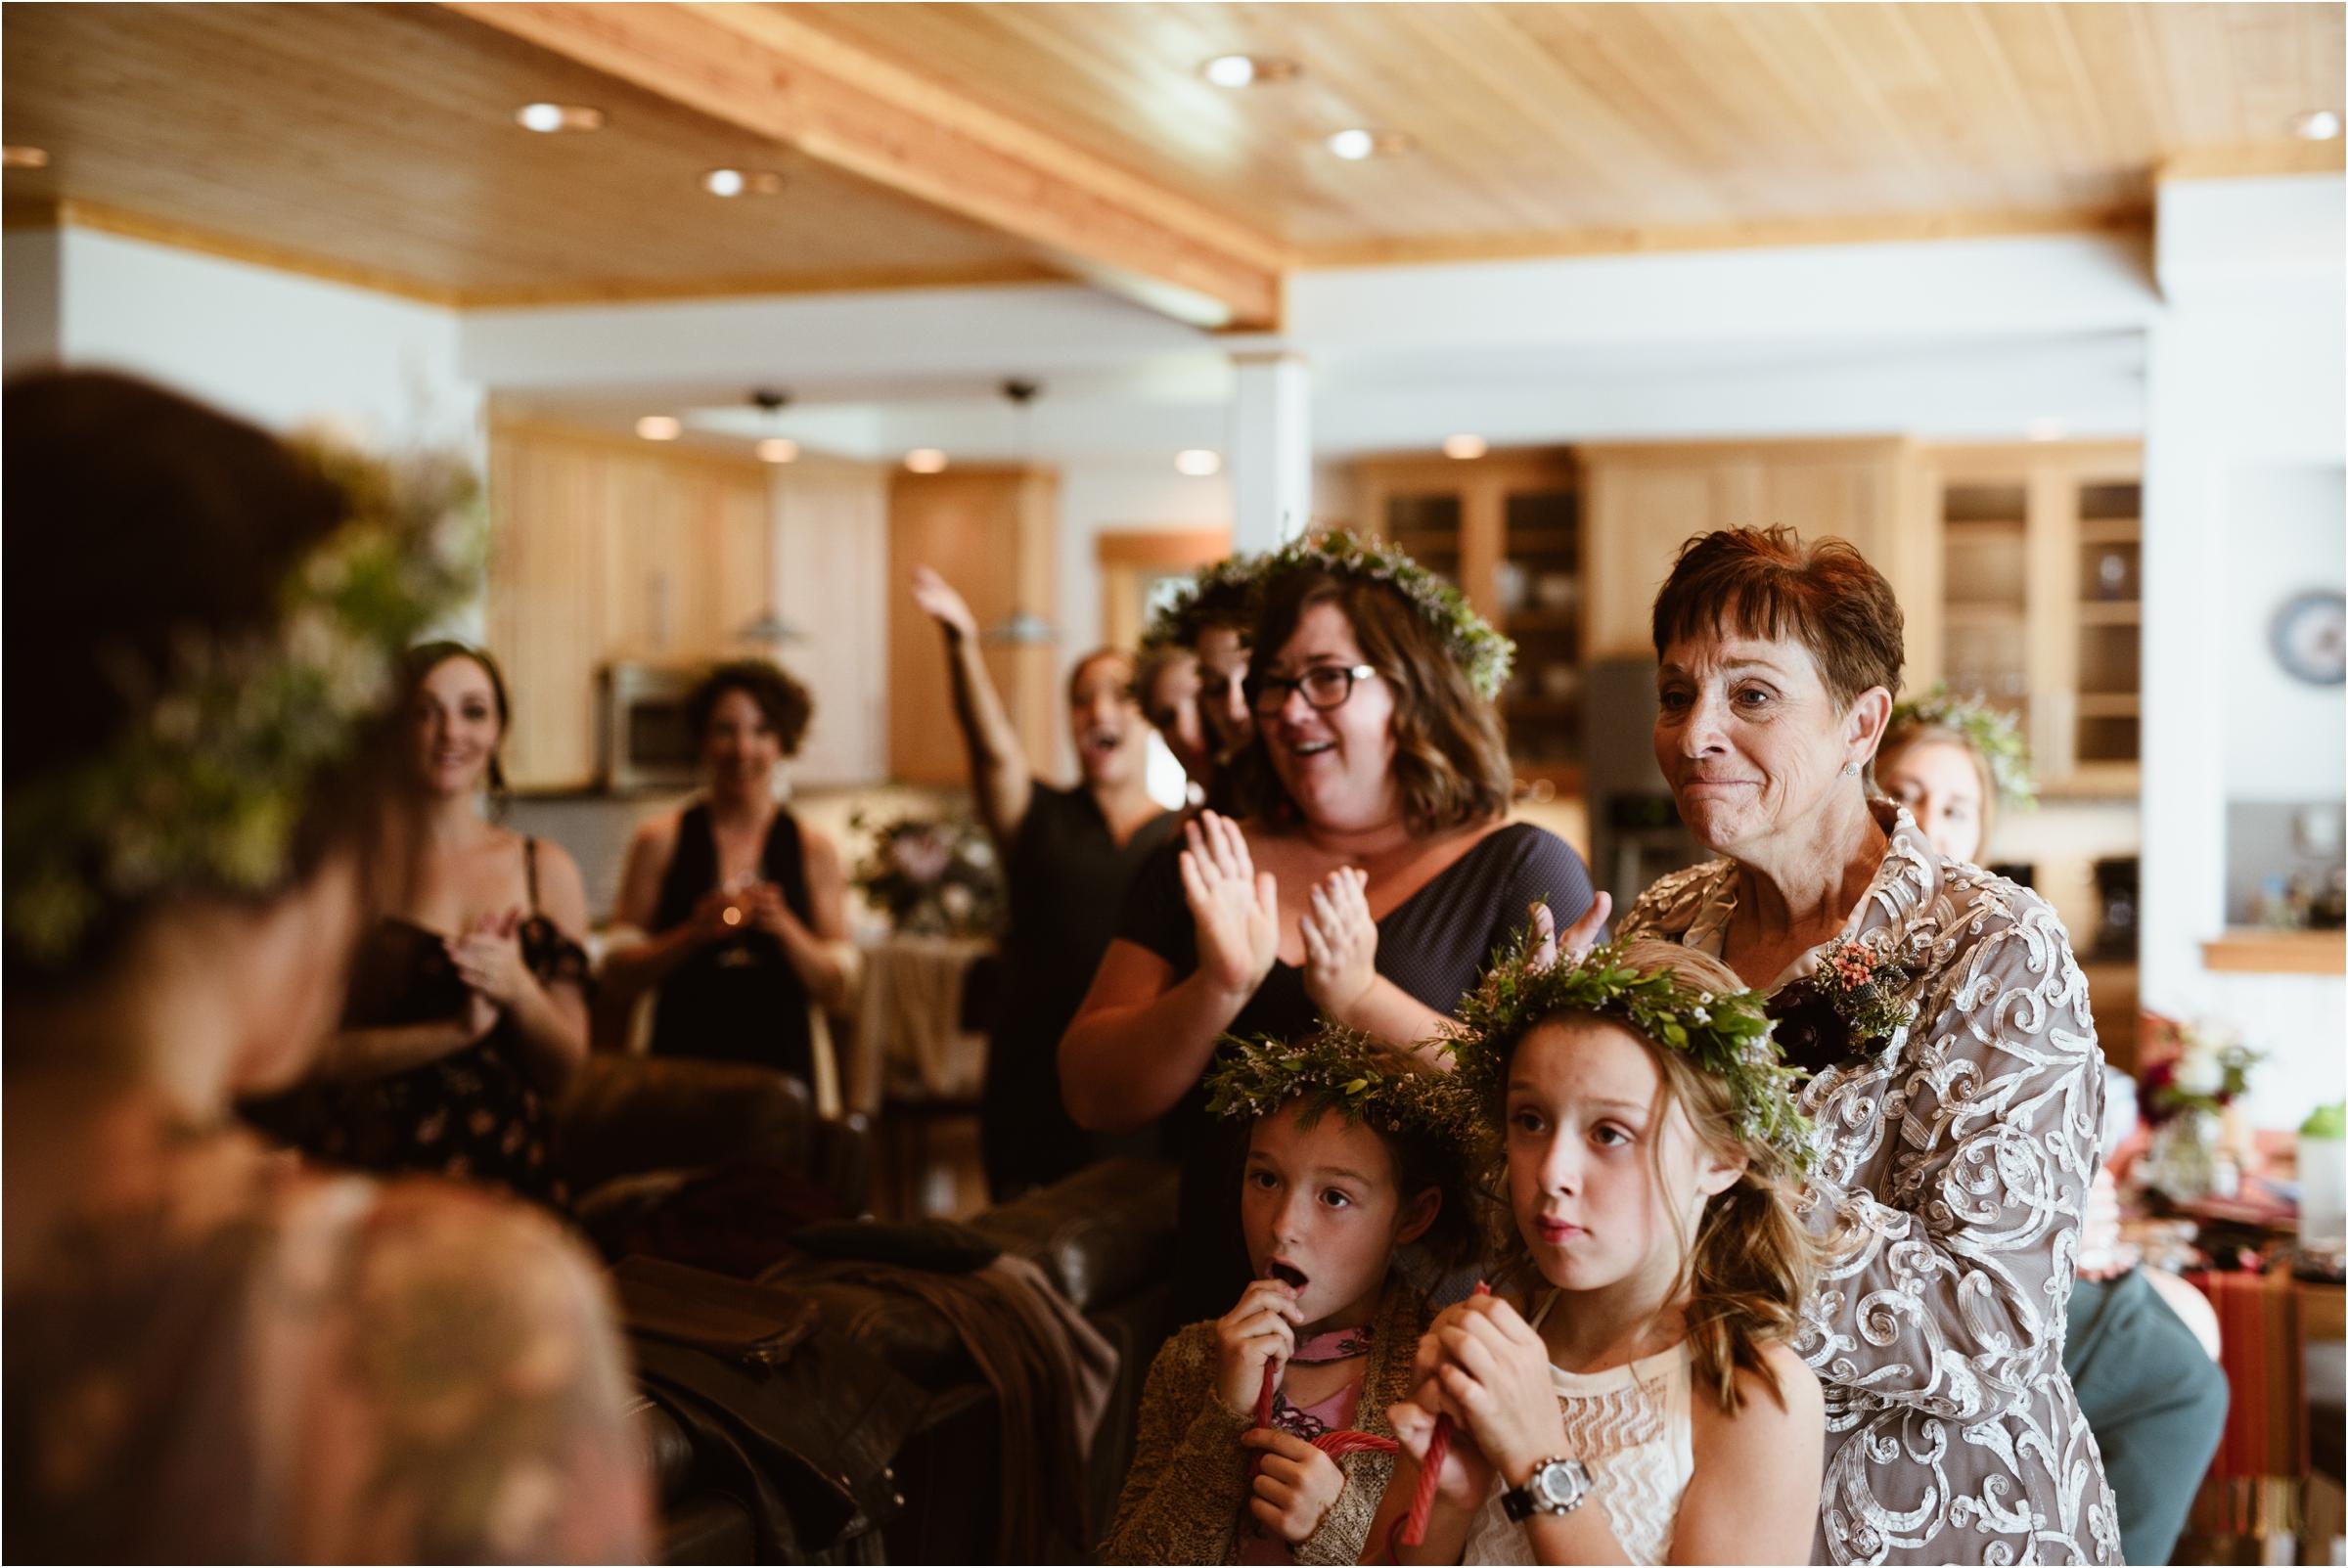 Janel-Gion-Wedding-Photographer-ShannonSteve-Sandpoint-Idaho.jpg_0006.jpg